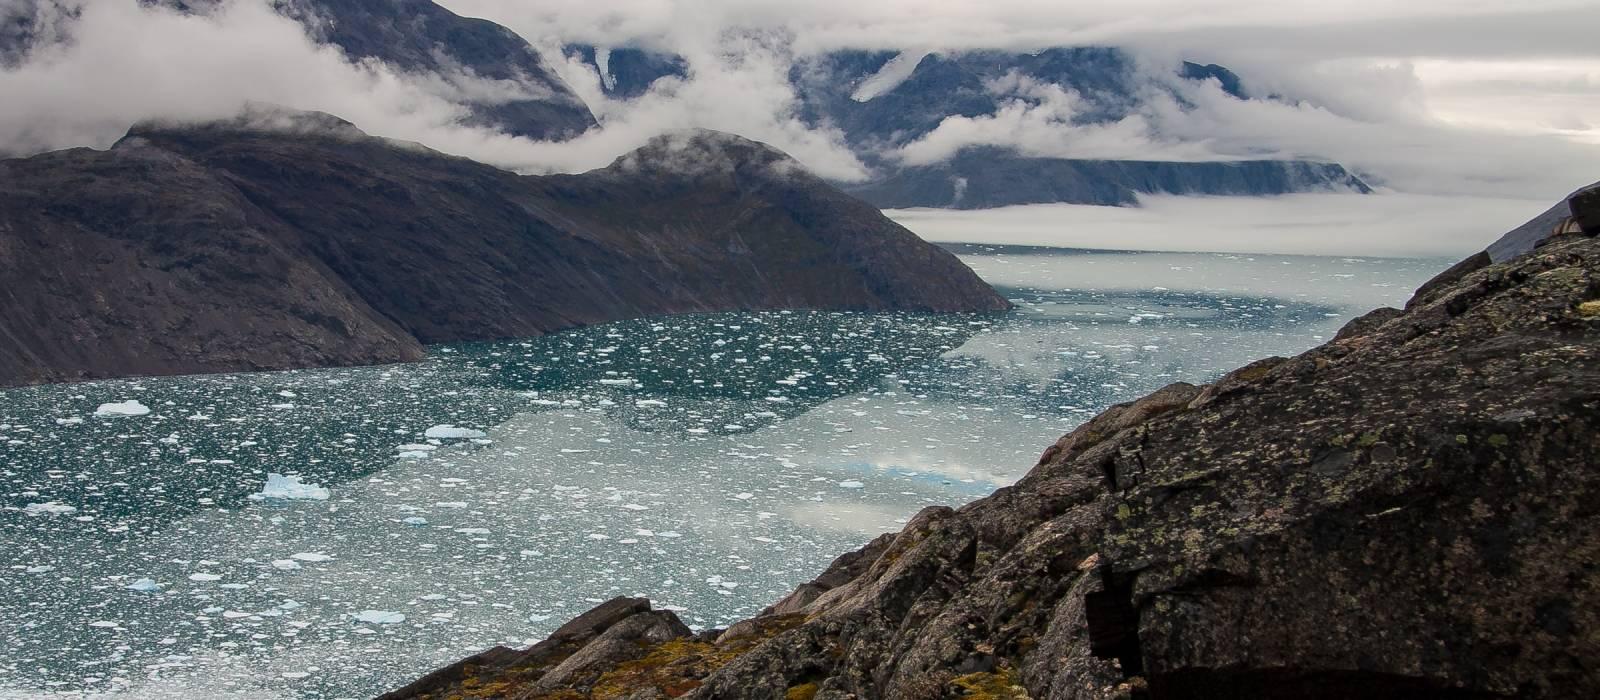 Grönland – Abenteuer zwischen Himmel, Wasser und Erde Urlaub 1